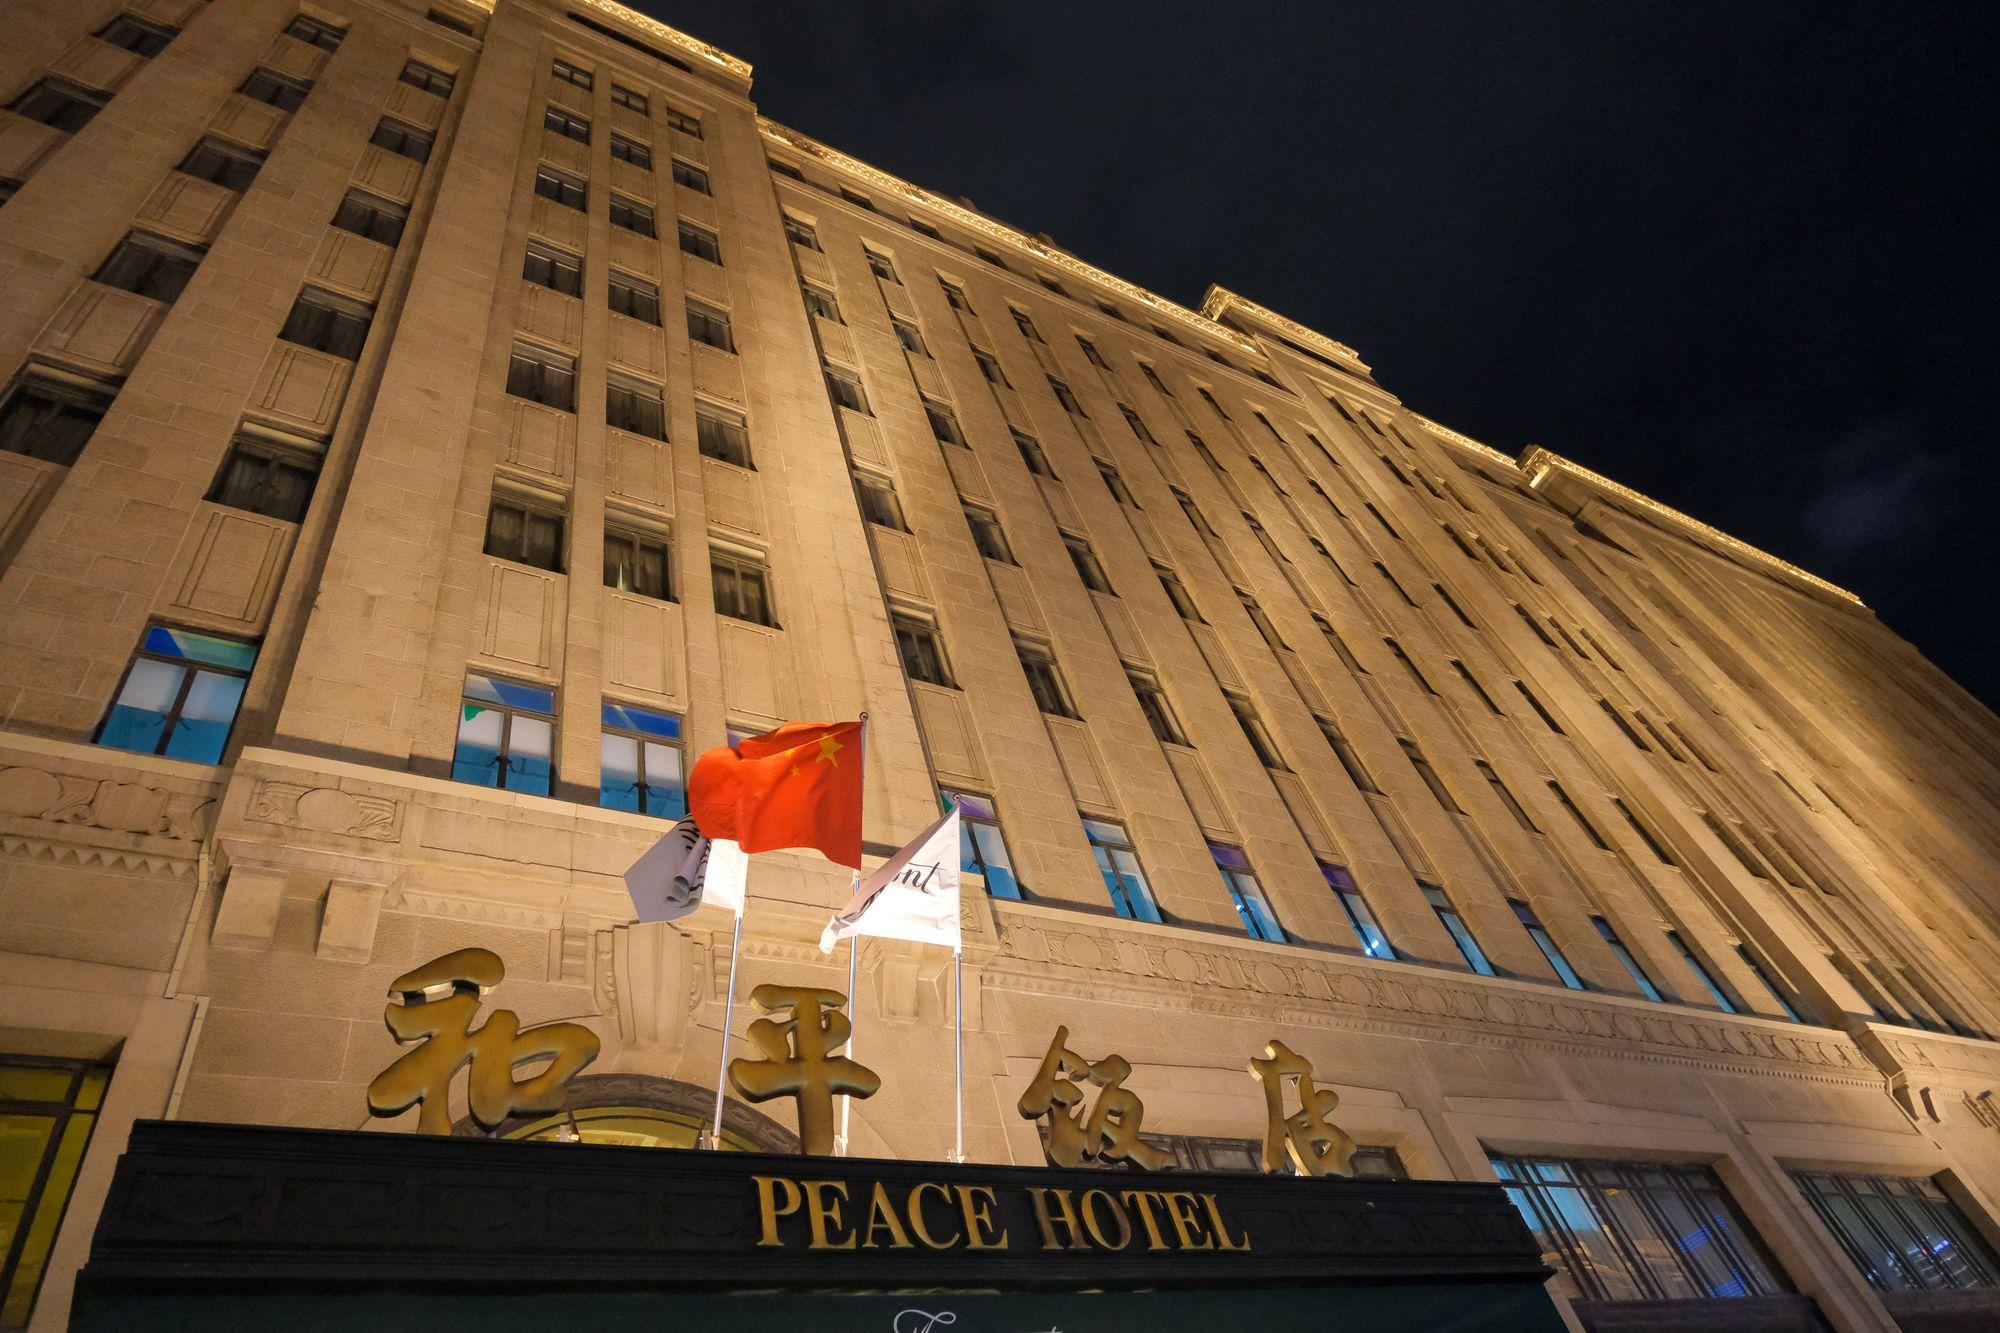 上海夜景中的和平饭店 - 免费正版照片下载